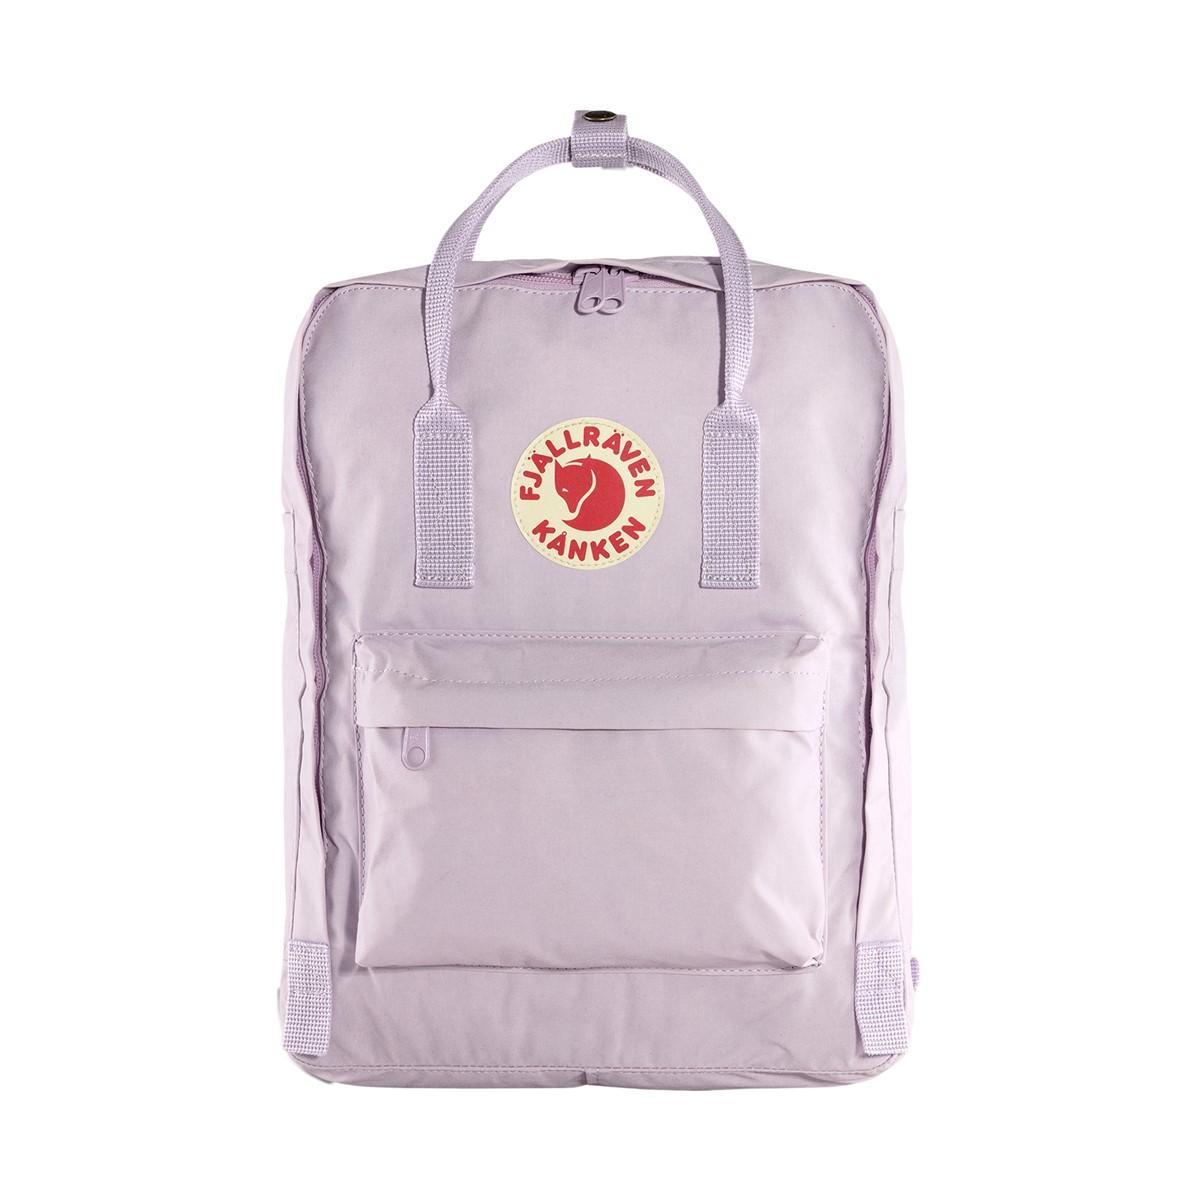 Kanken Backpack in Lavender